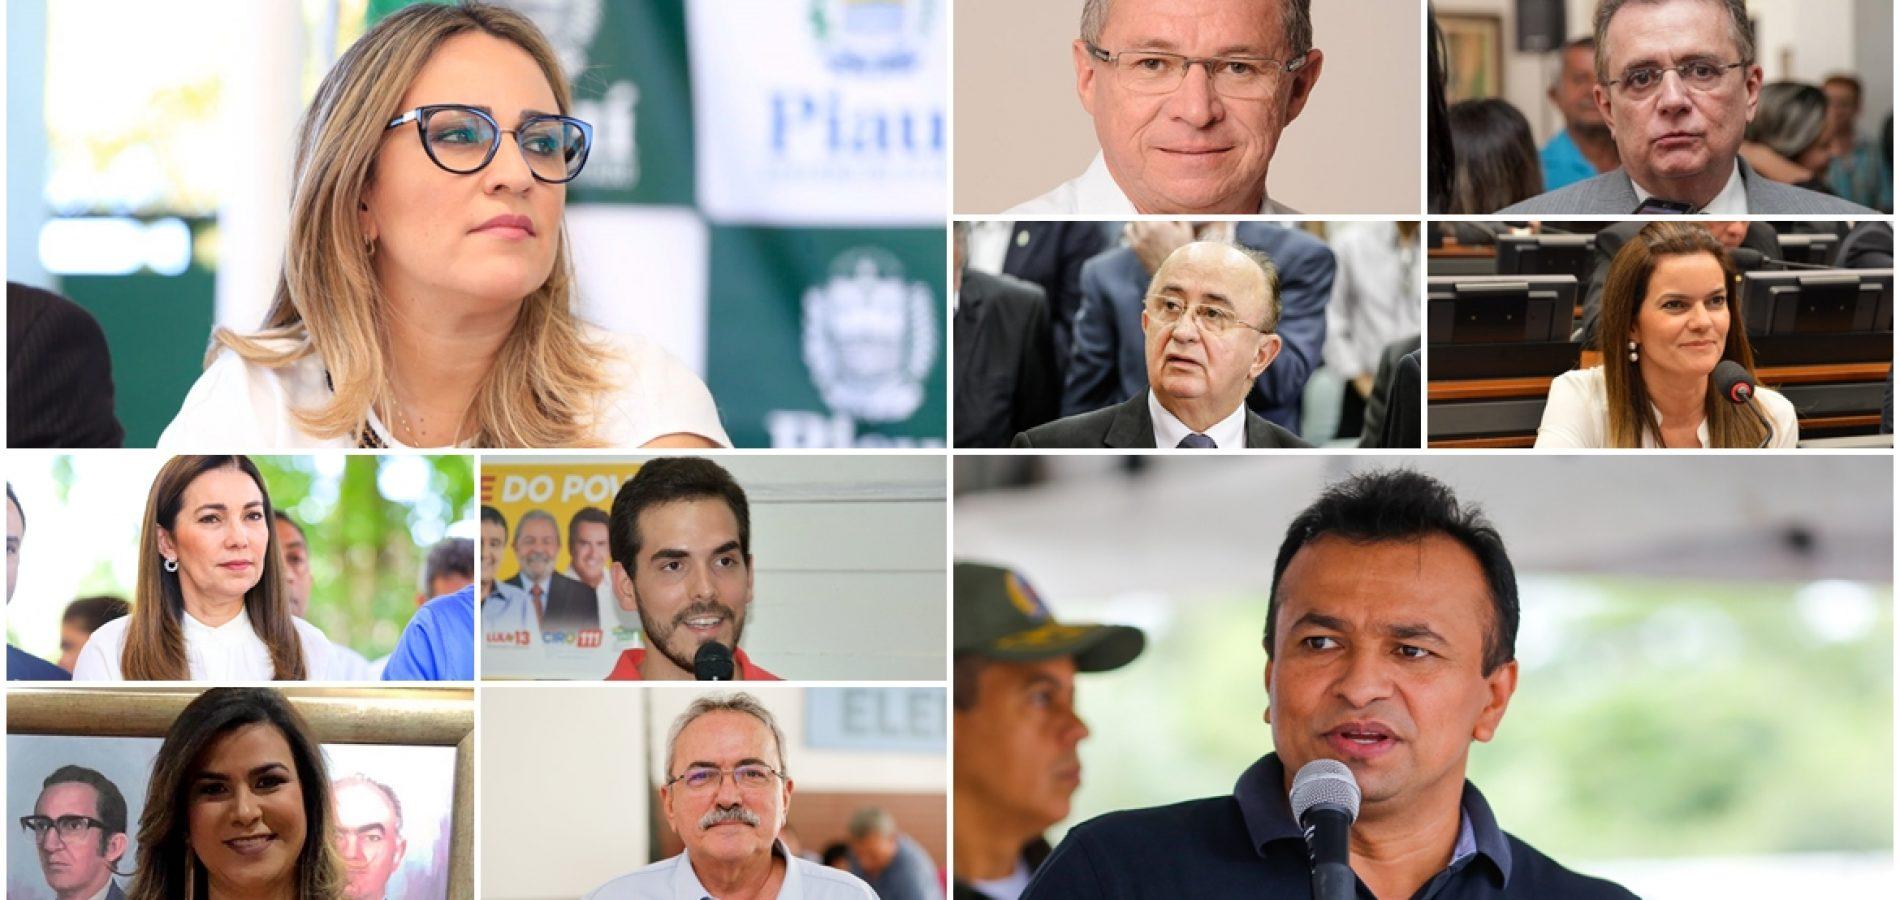 Veja os candidatos eleitos para deputado federal do Piauí